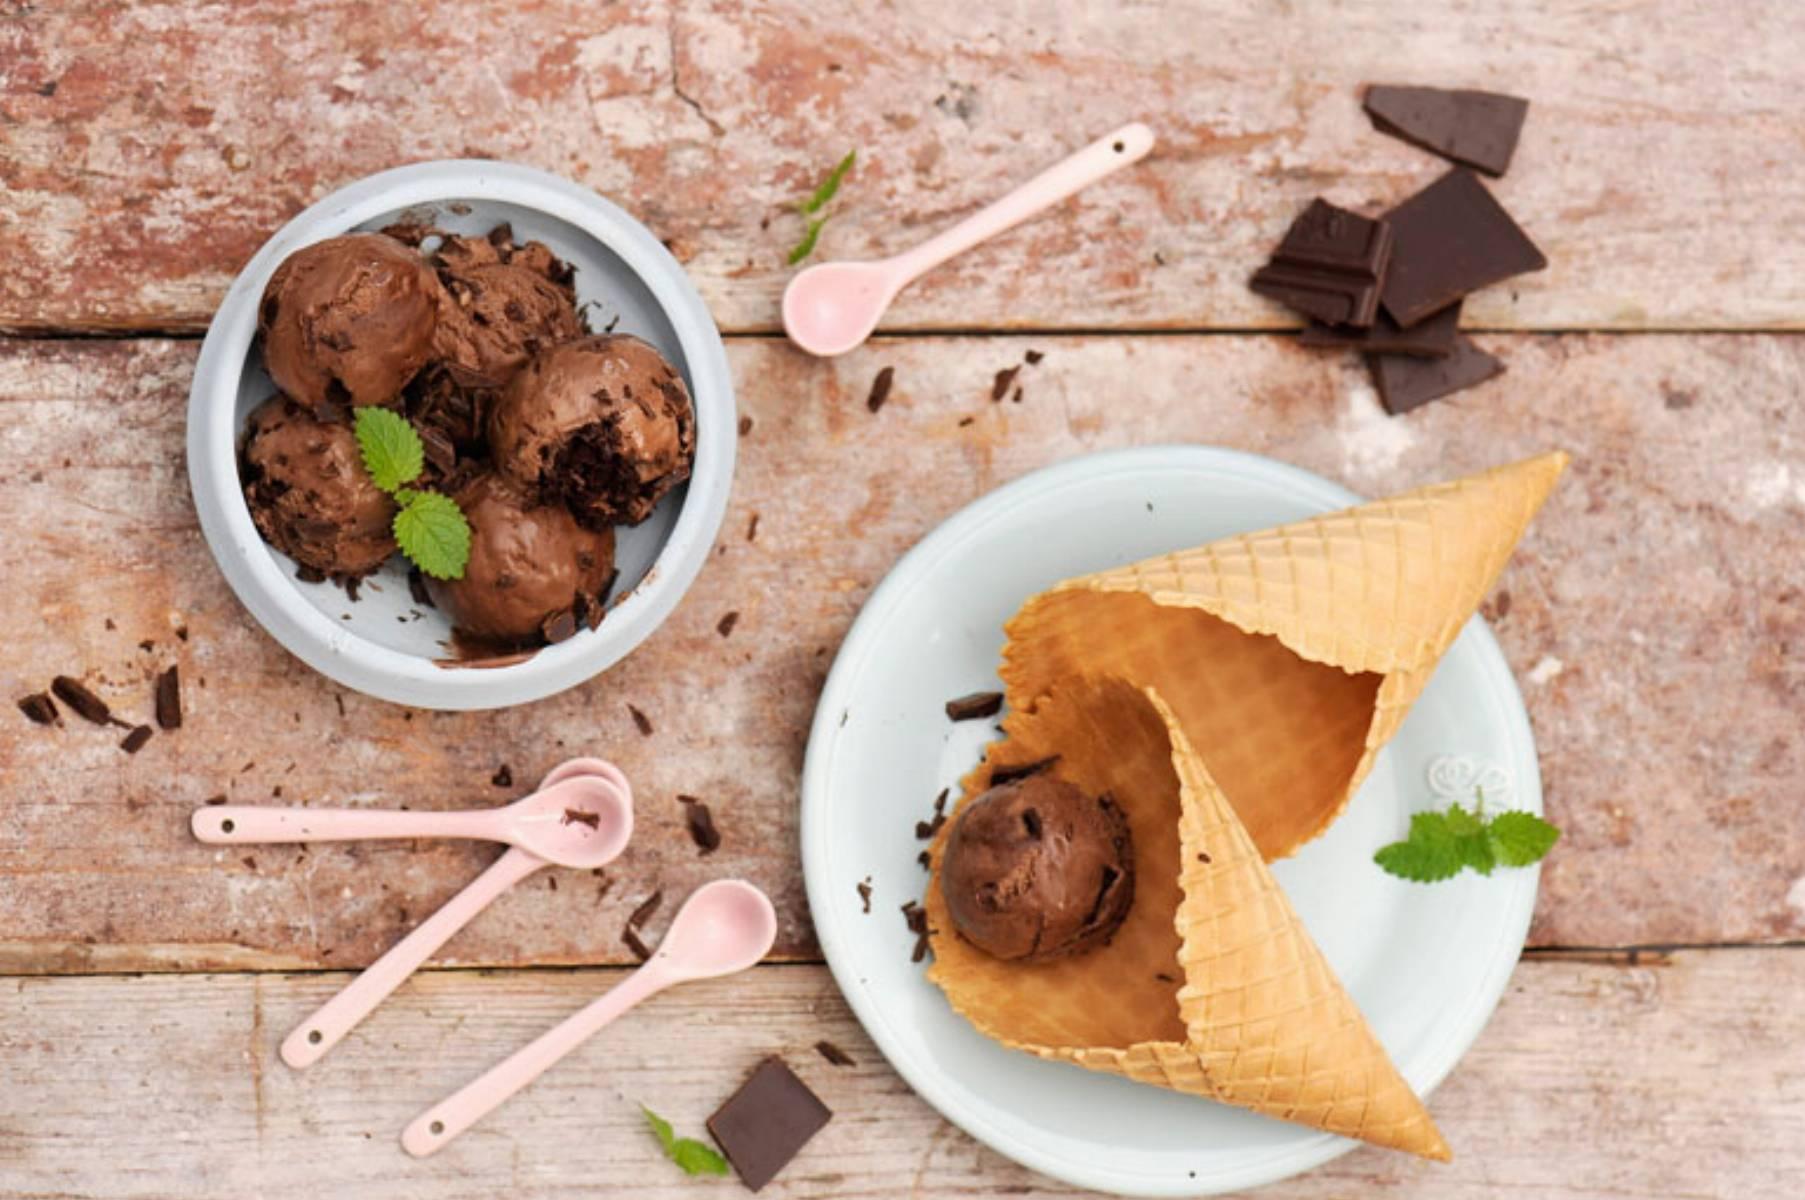 przepis-na-lody-sernikowo-czekoladowe